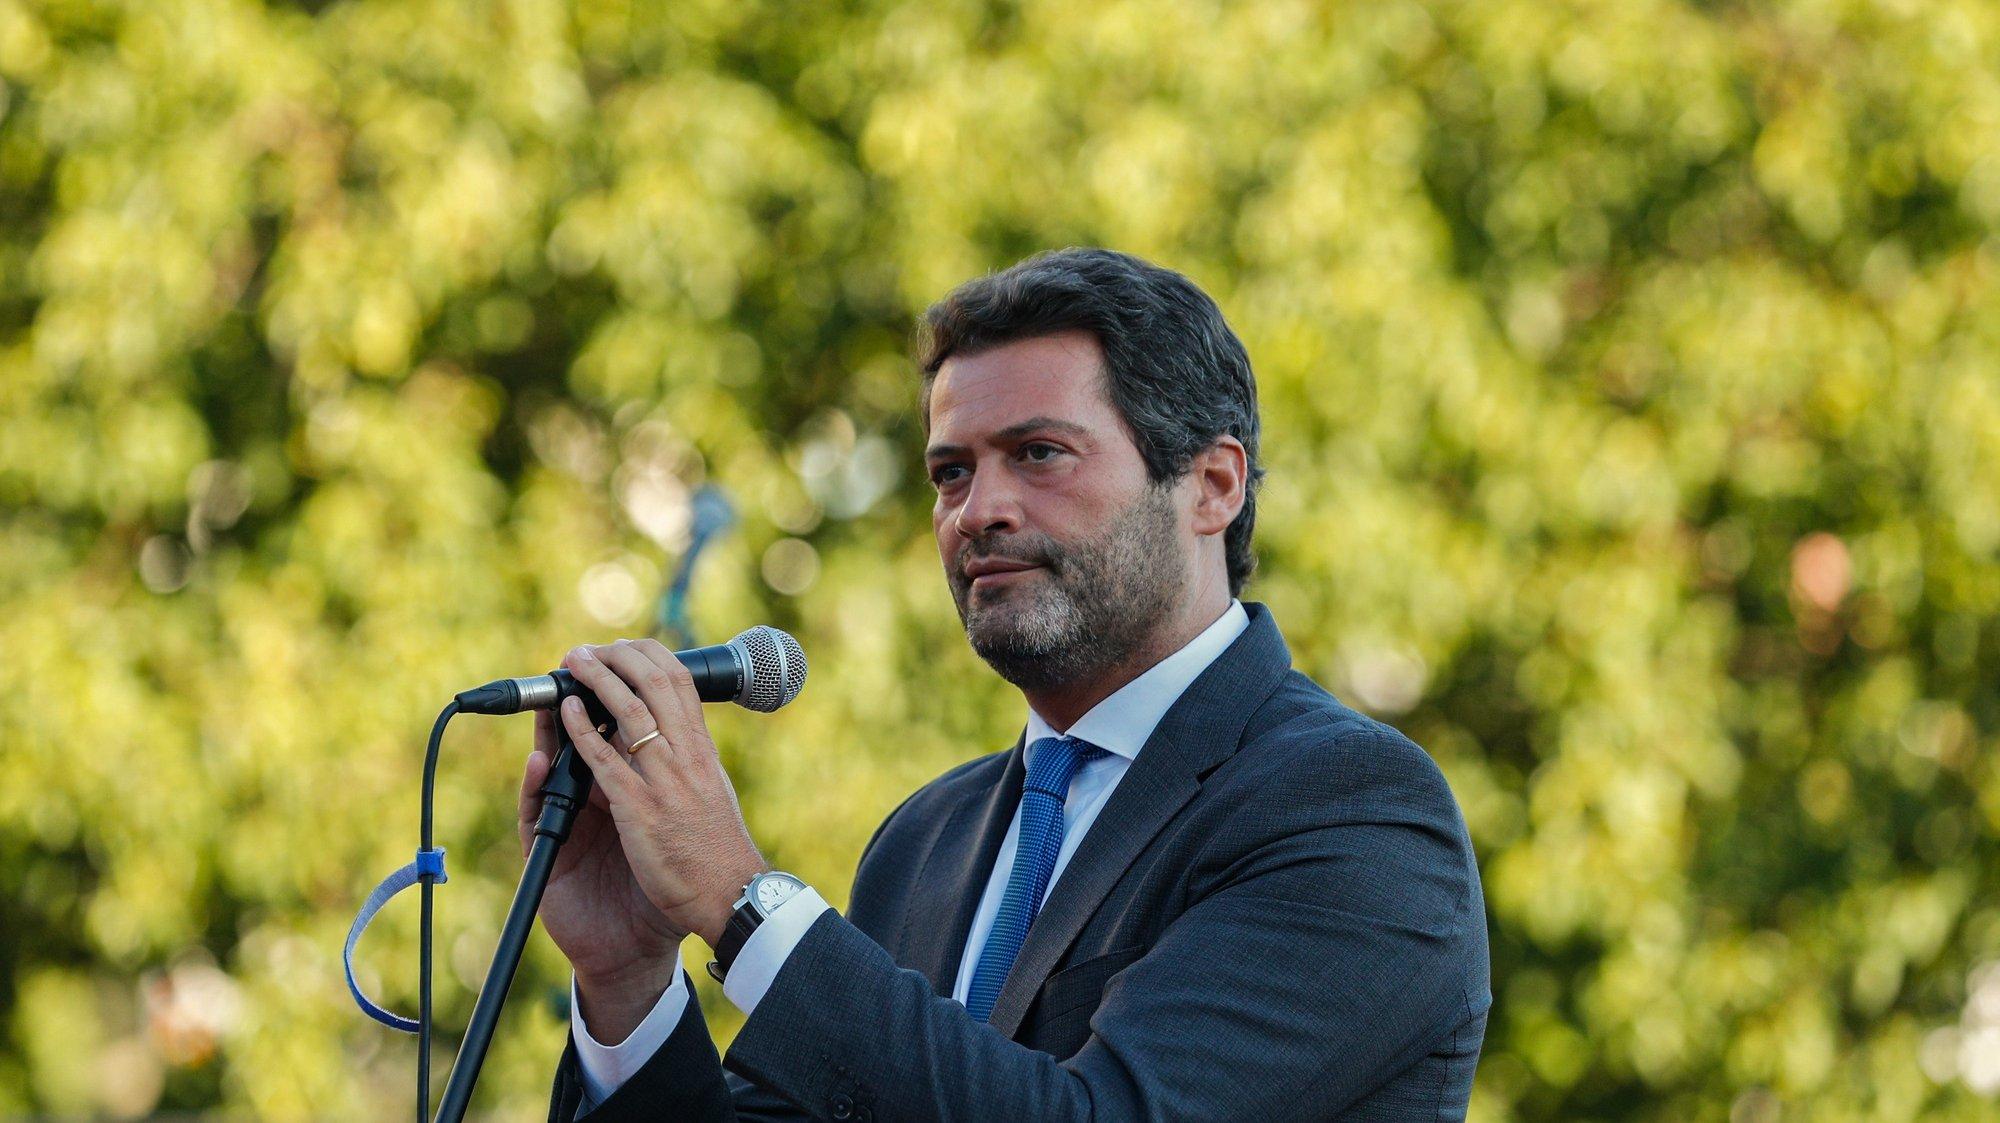 O presidente do partido Chega, André Ventura, discursa durante o comício de arranque de pré-campanha para as eleições autárquicas, na Amadora, 04 de setembro de 2021. ANTÓNIO COTRIM/LUSA